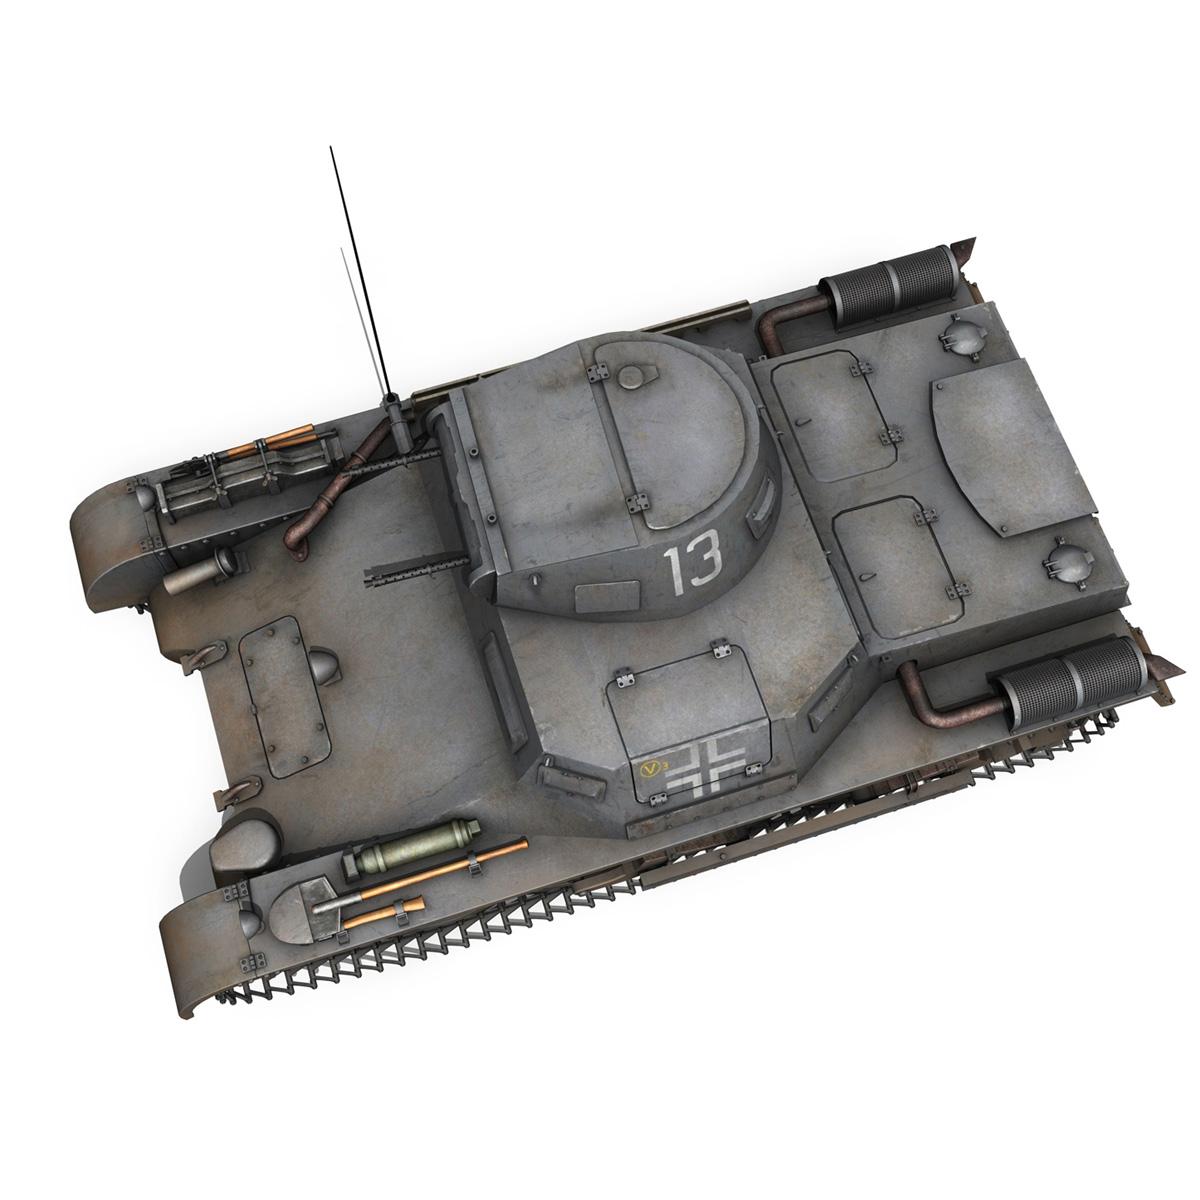 pzkpfw 1 – panzer 1 – ausf. a – 13 3d model 3ds fbx lwo lw lws obj c4d 266636